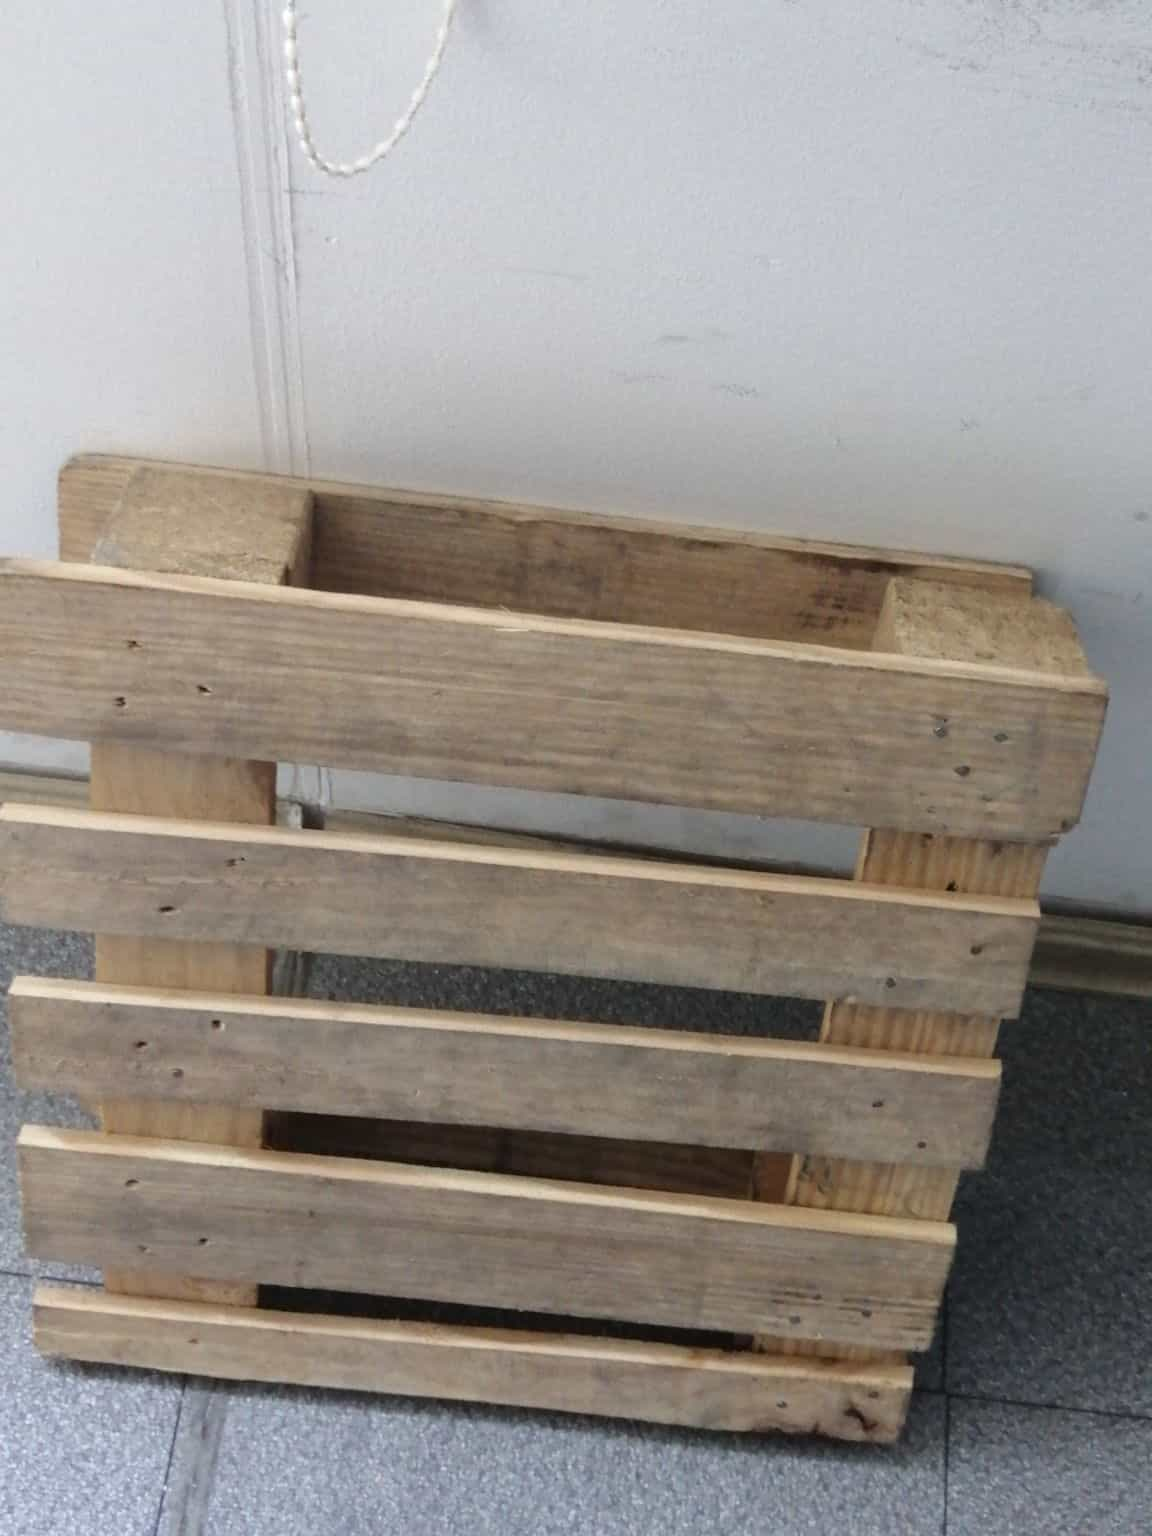 廊坊装车用木夹板木托盘_商品批发价??,⑧Ⓧ